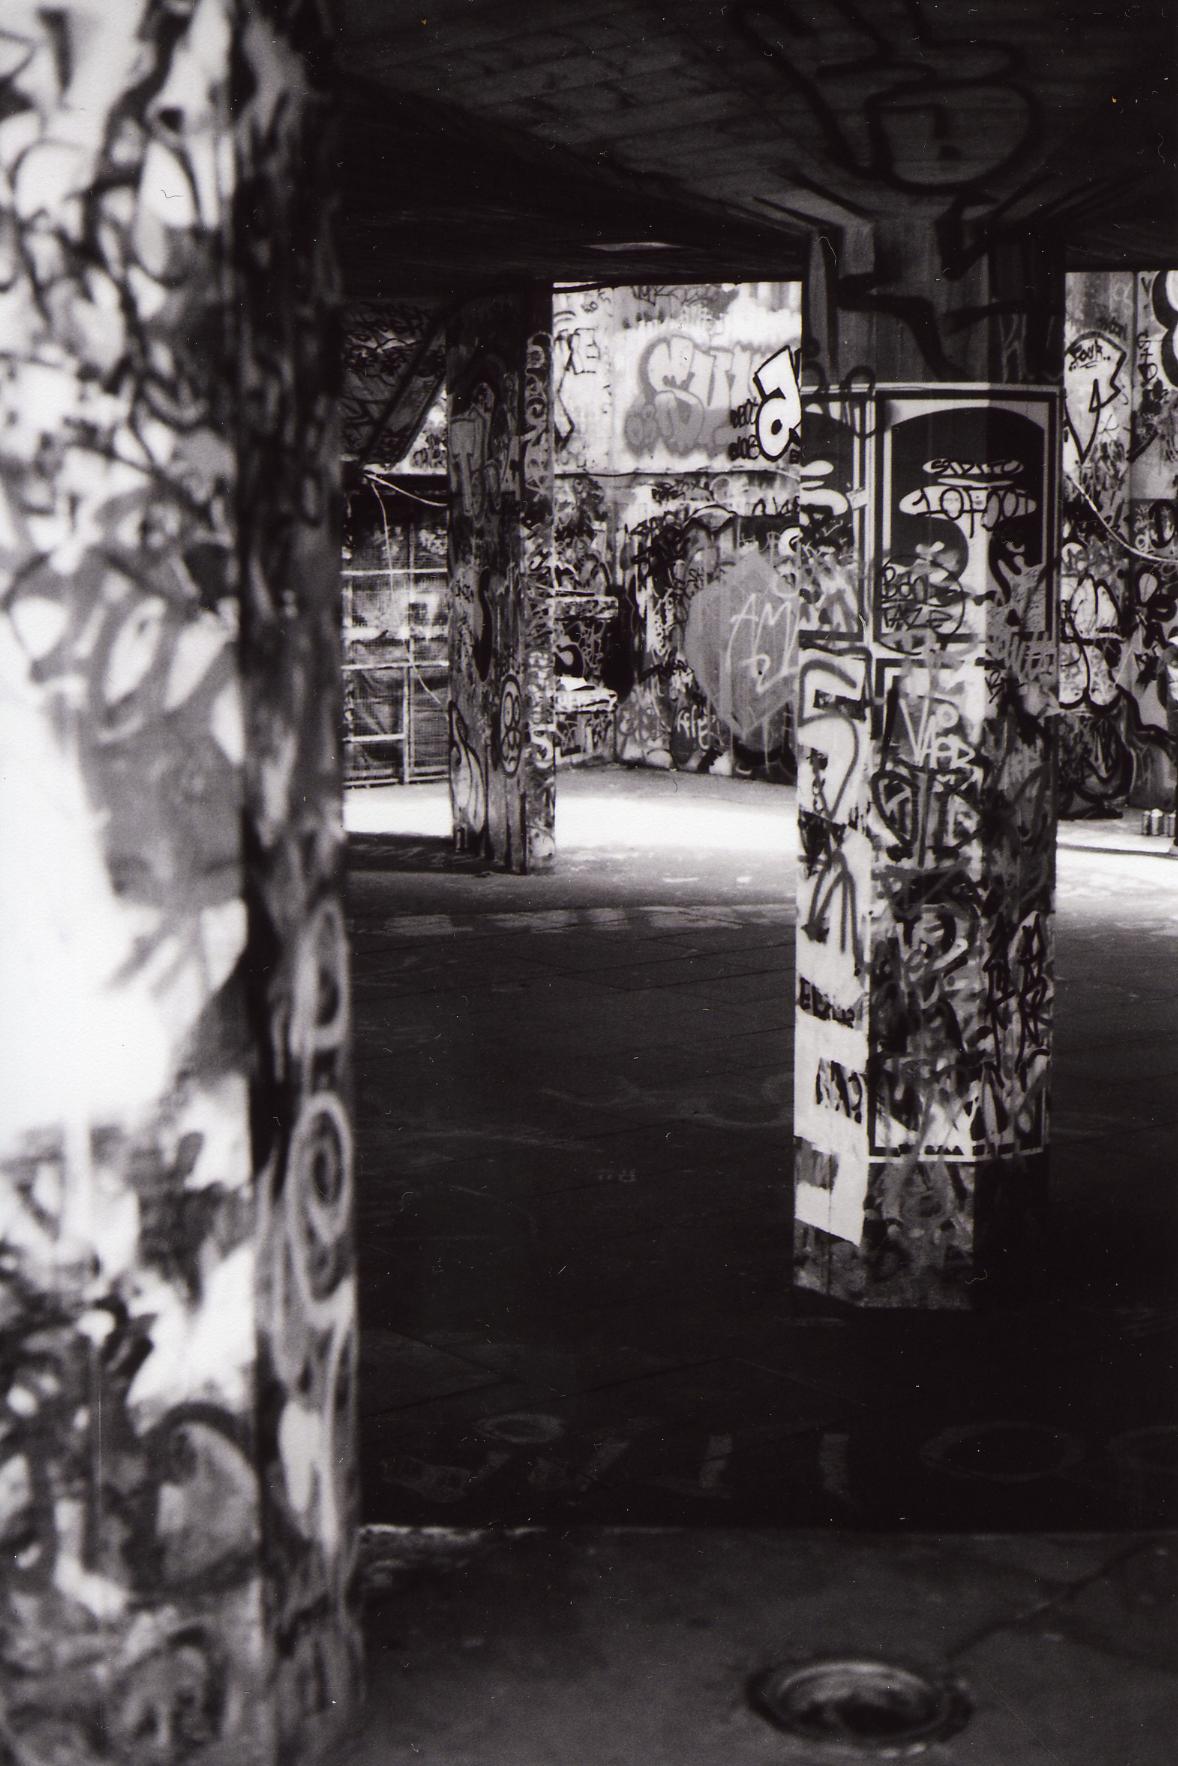 Zanecchia, Katie_London-Graffiti-Skate-3.JPG